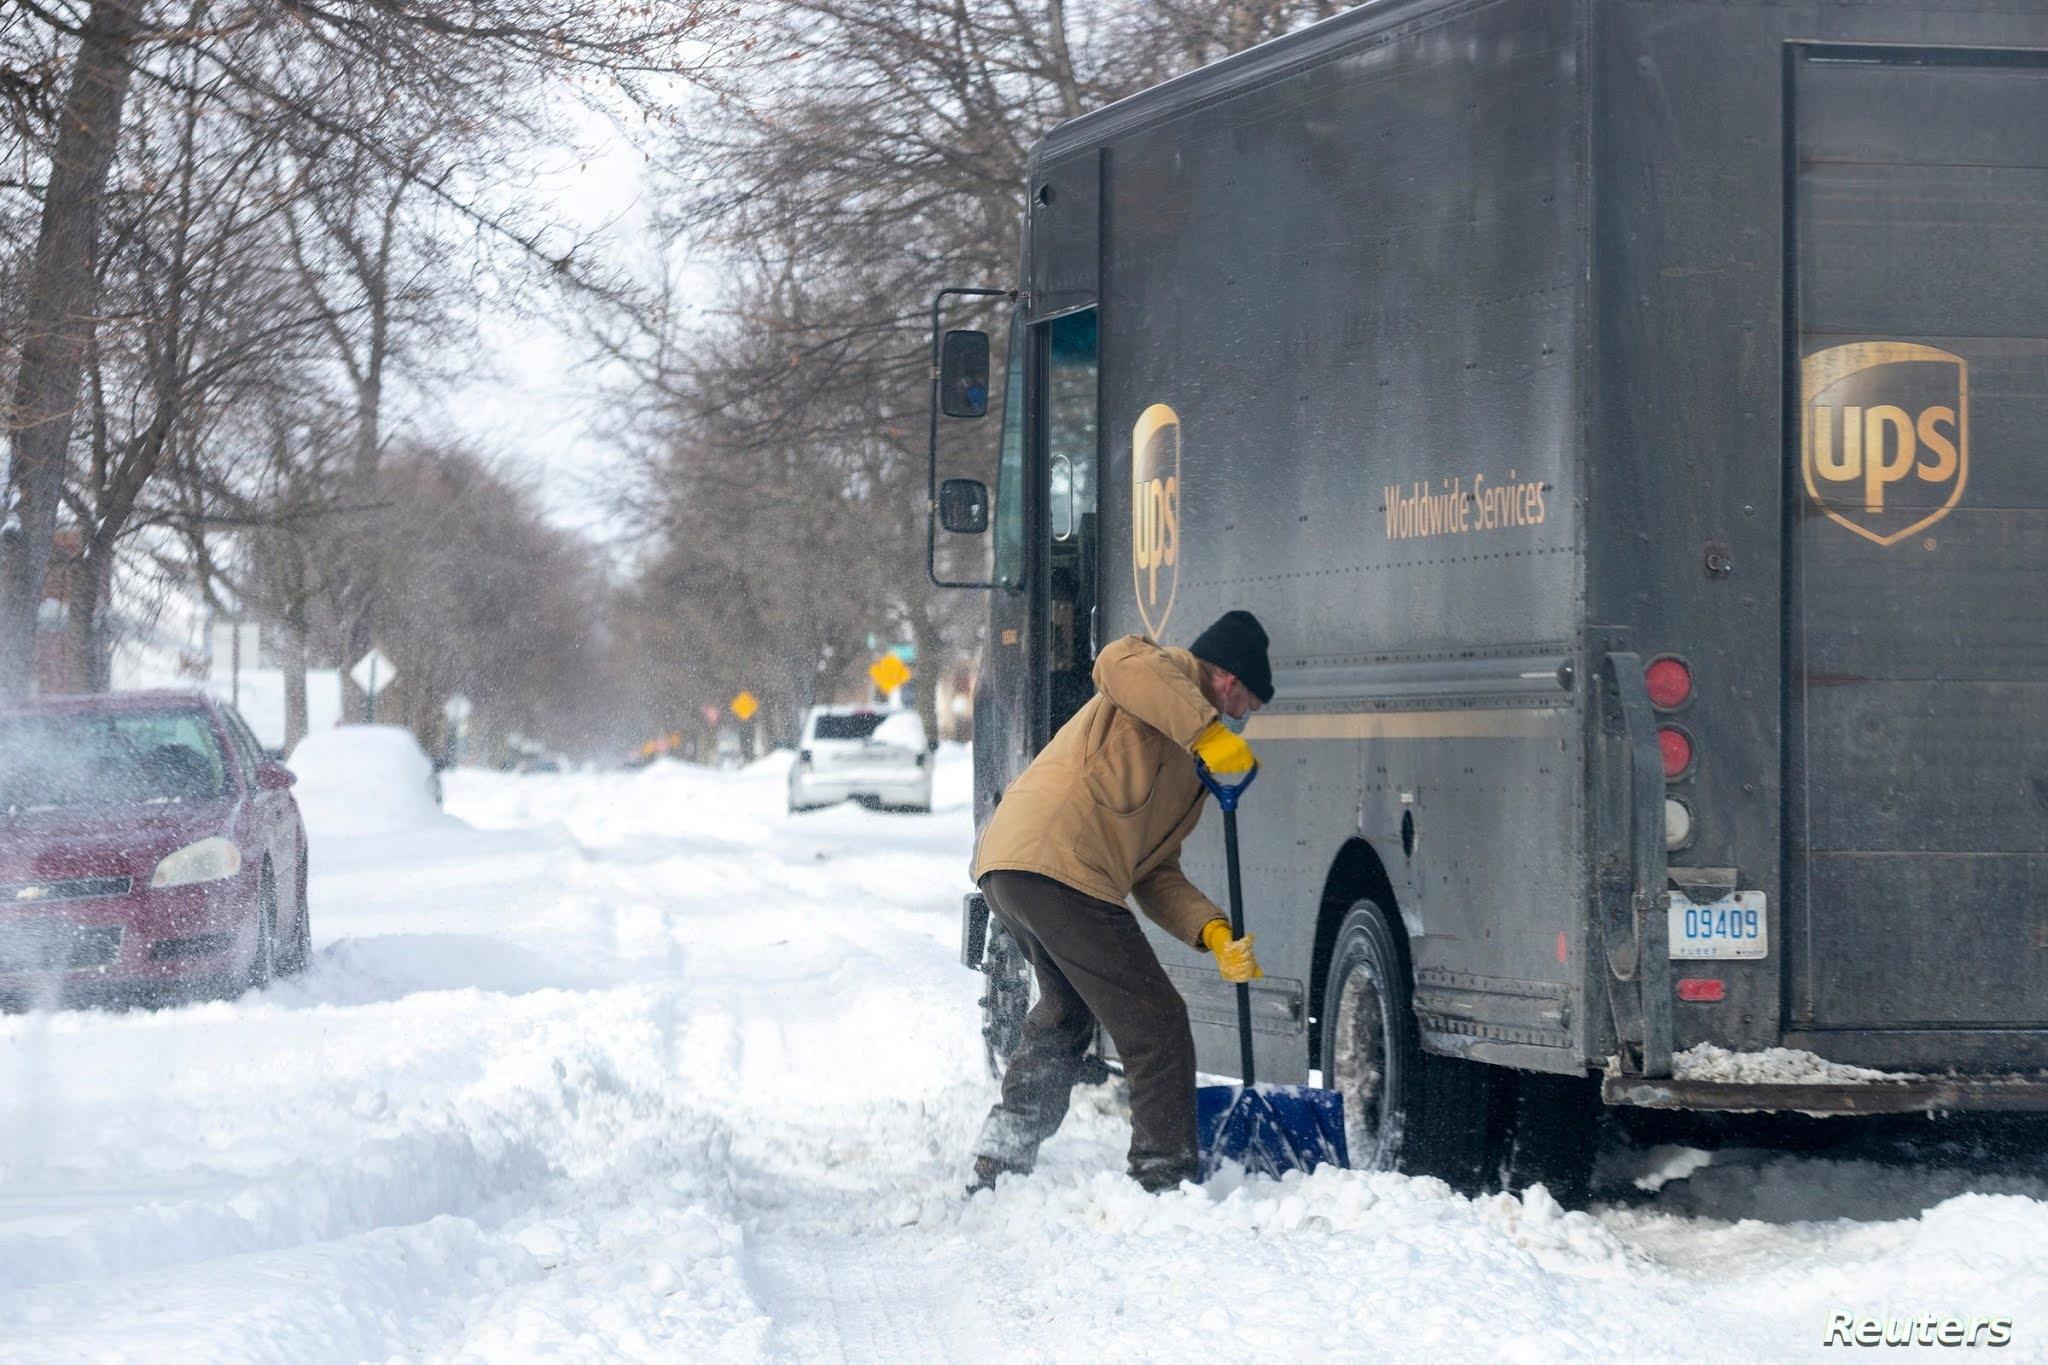 Mike Charnesky, que trabaja de forma remota, ayuda a un camión de reparto de UPS que está atascado en Detroit, Michigan, Estados Unidos, 16 de febrero de 2021 / REUTERS